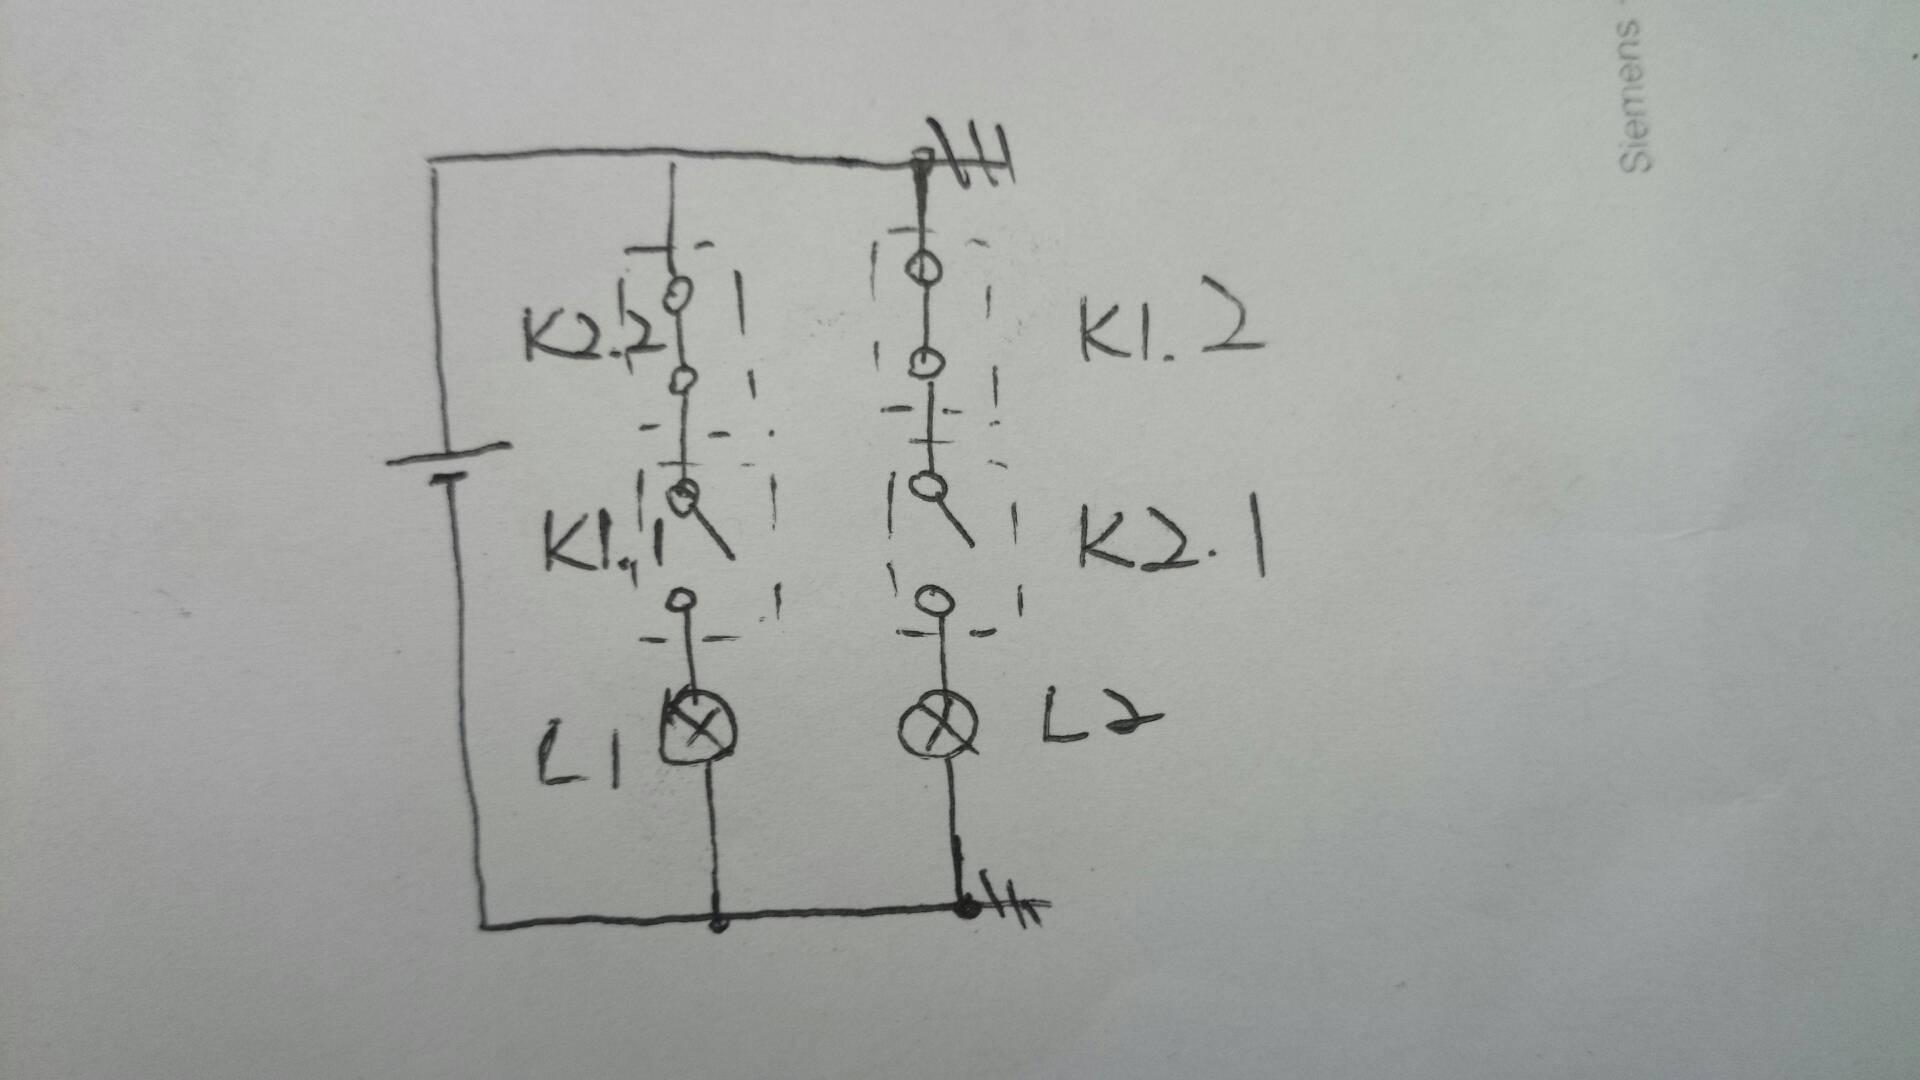 自制抢答器初中物理 一个人抢到其他人再按没用 利用单刀双掷开关